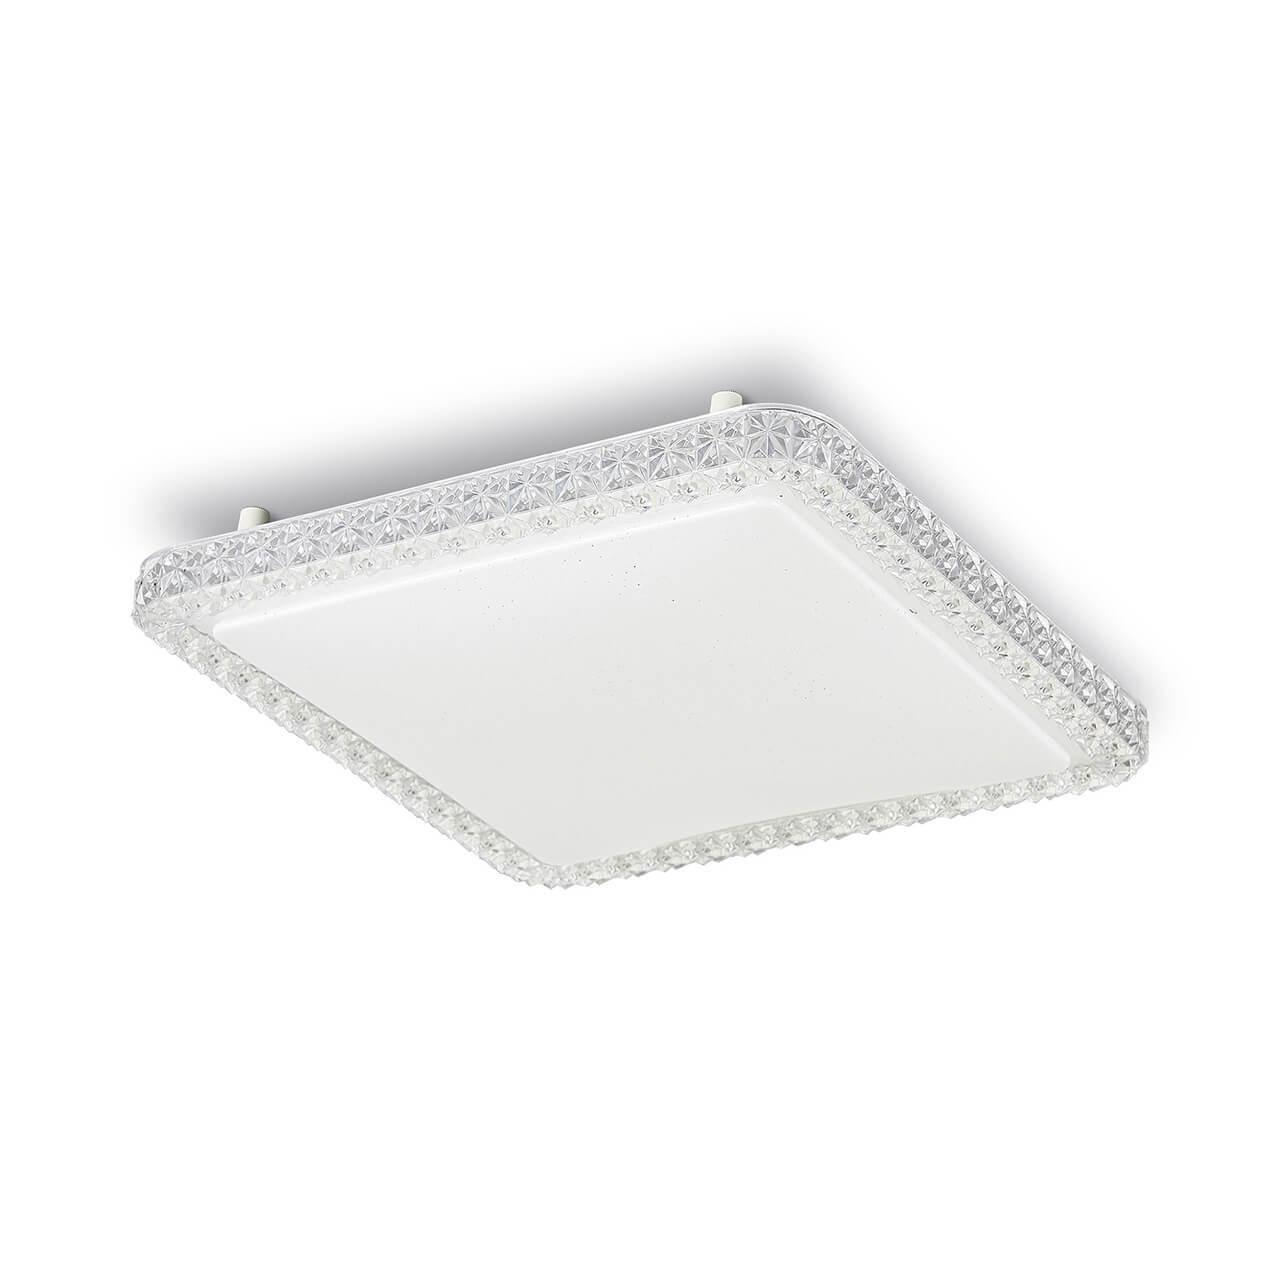 Потолочный светодиодный светильник Citilux Кристалино Слим CL715K360